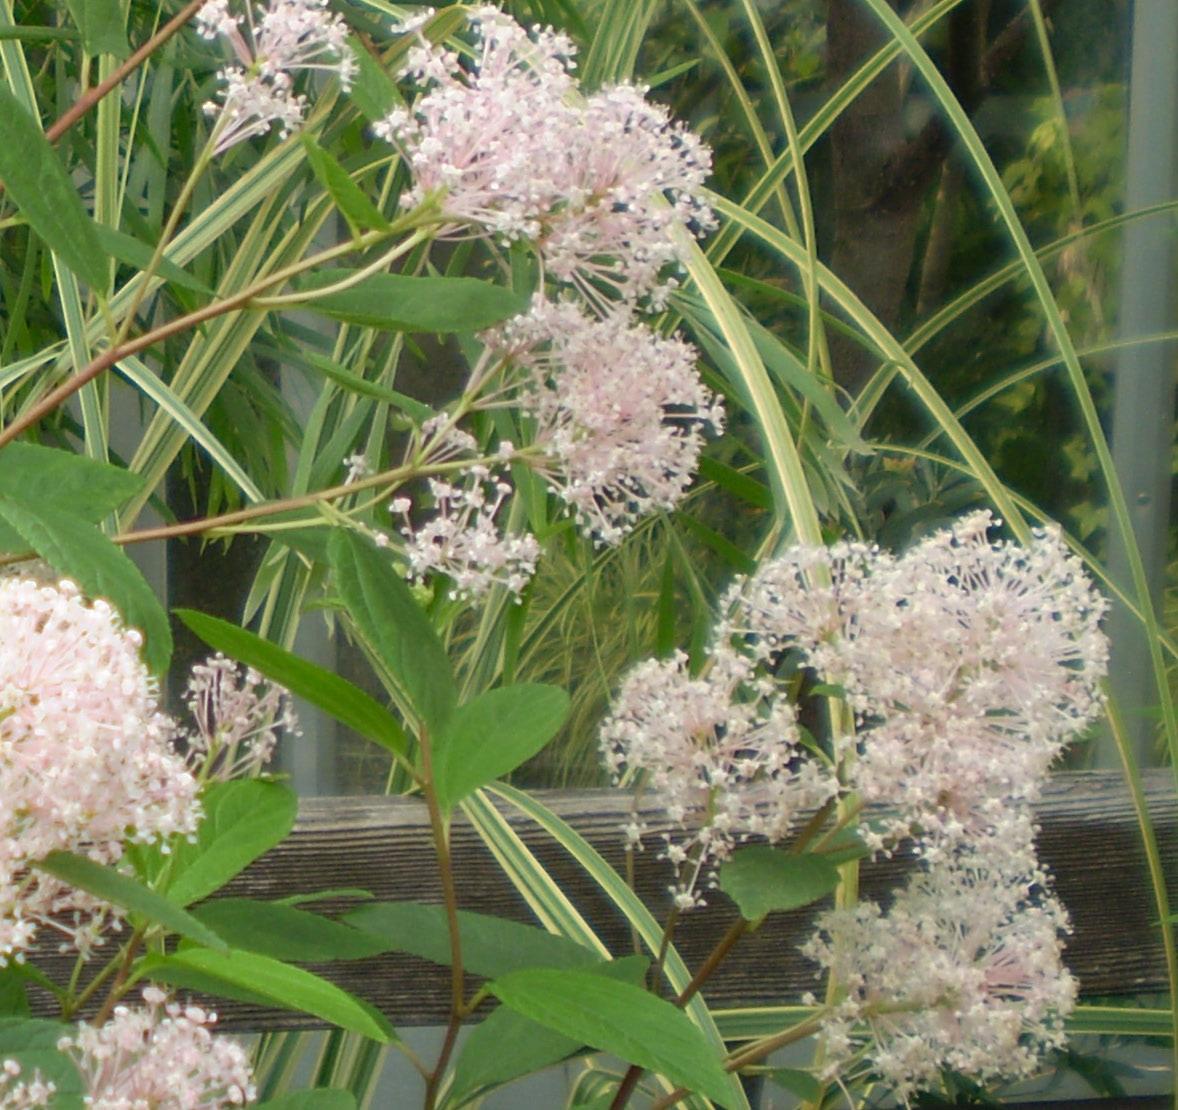 やさしげに咲く「セアノサス・ベルサイユ」_f0139333_043775.jpg